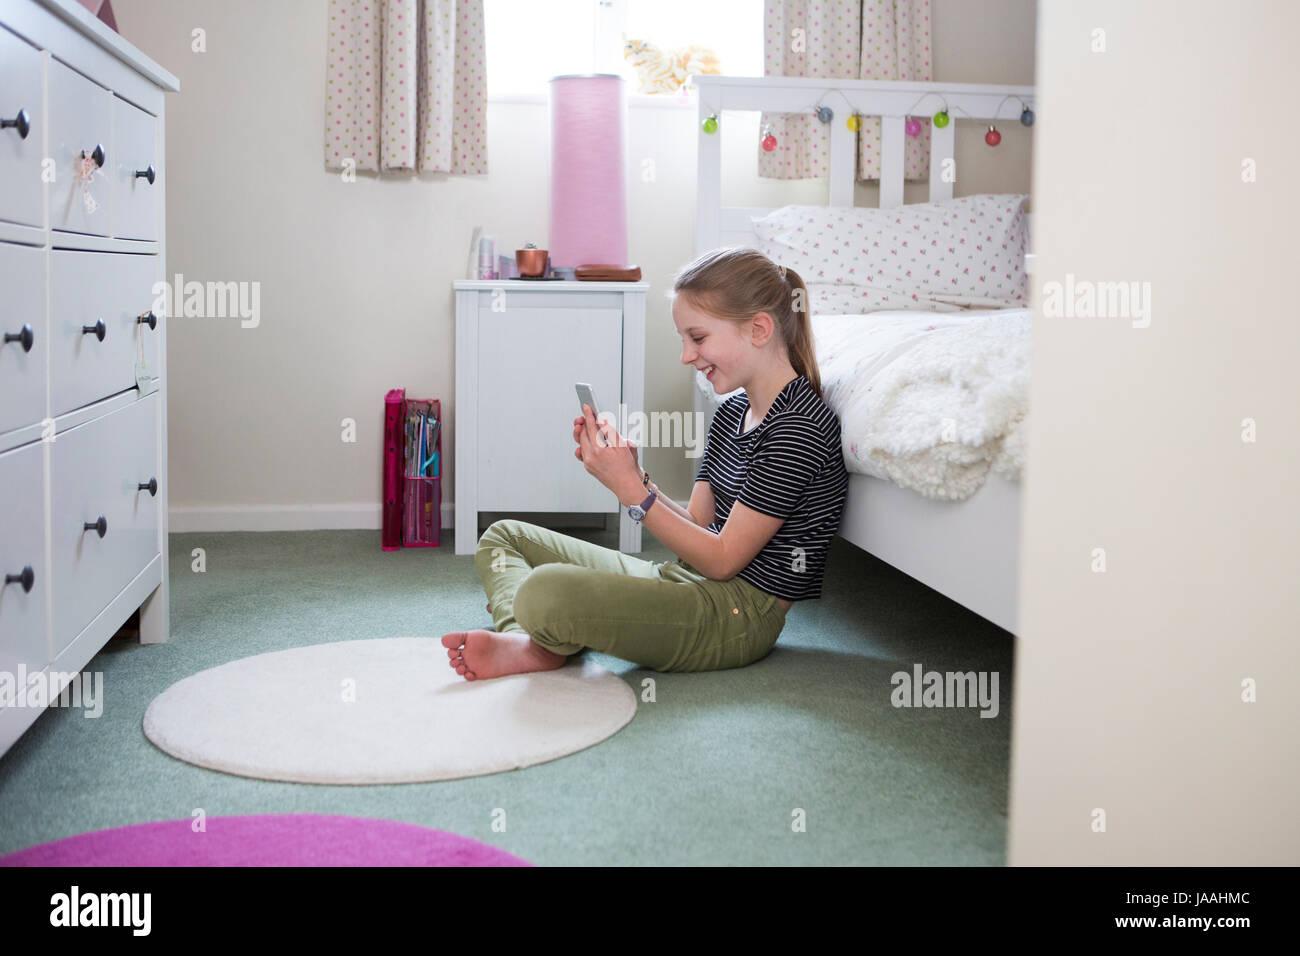 Ragazza seduta sul pavimento della camera da letto utilizzando il telefono cellulare Immagini Stock